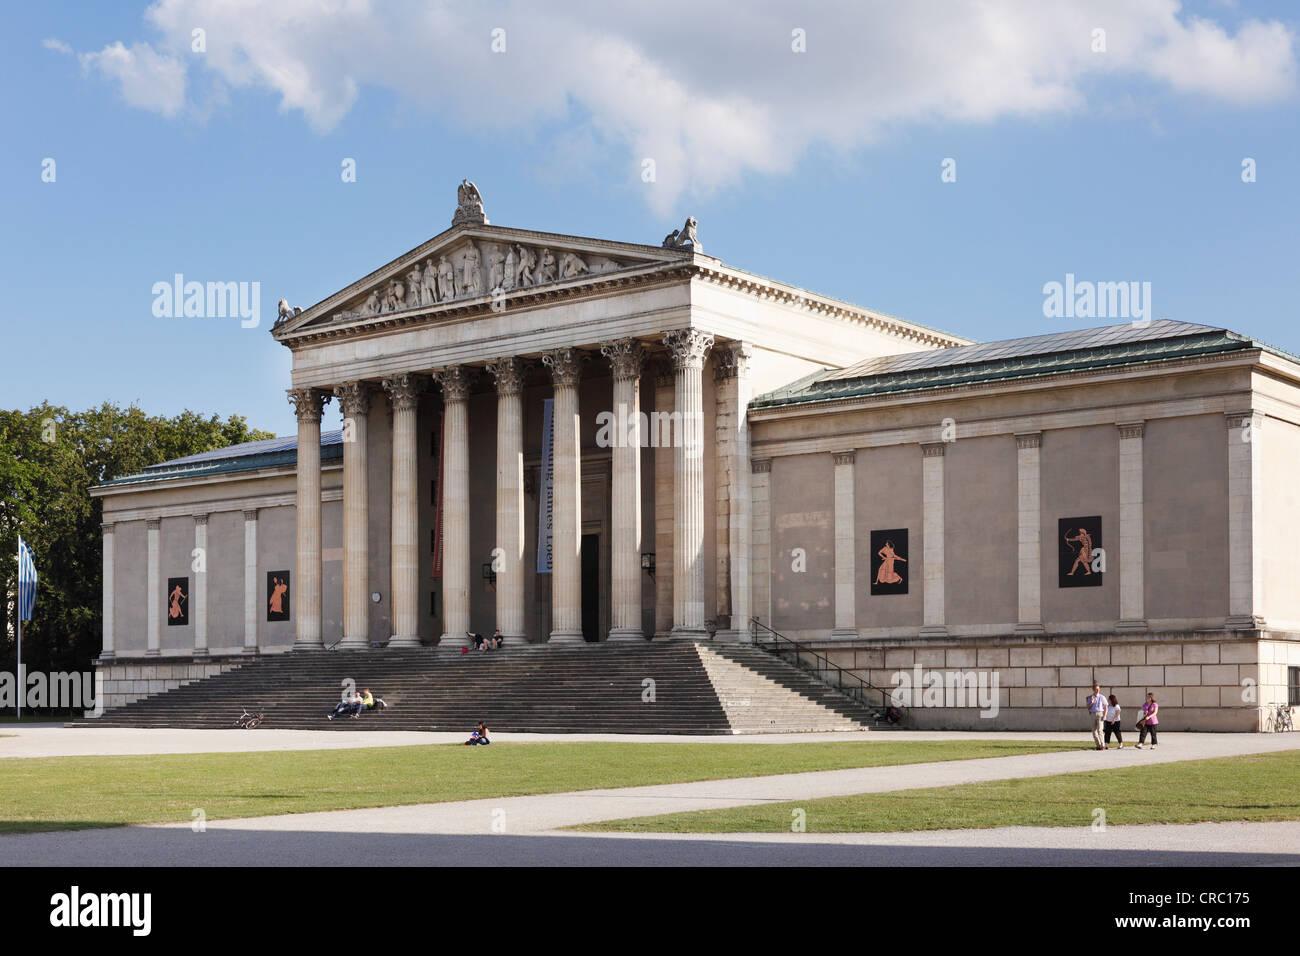 Staatliche Antikensammlungen, State Collections of Antiquies, Koenigsplatz square, Munich, Upper Bavaria, Bavaria, - Stock Image